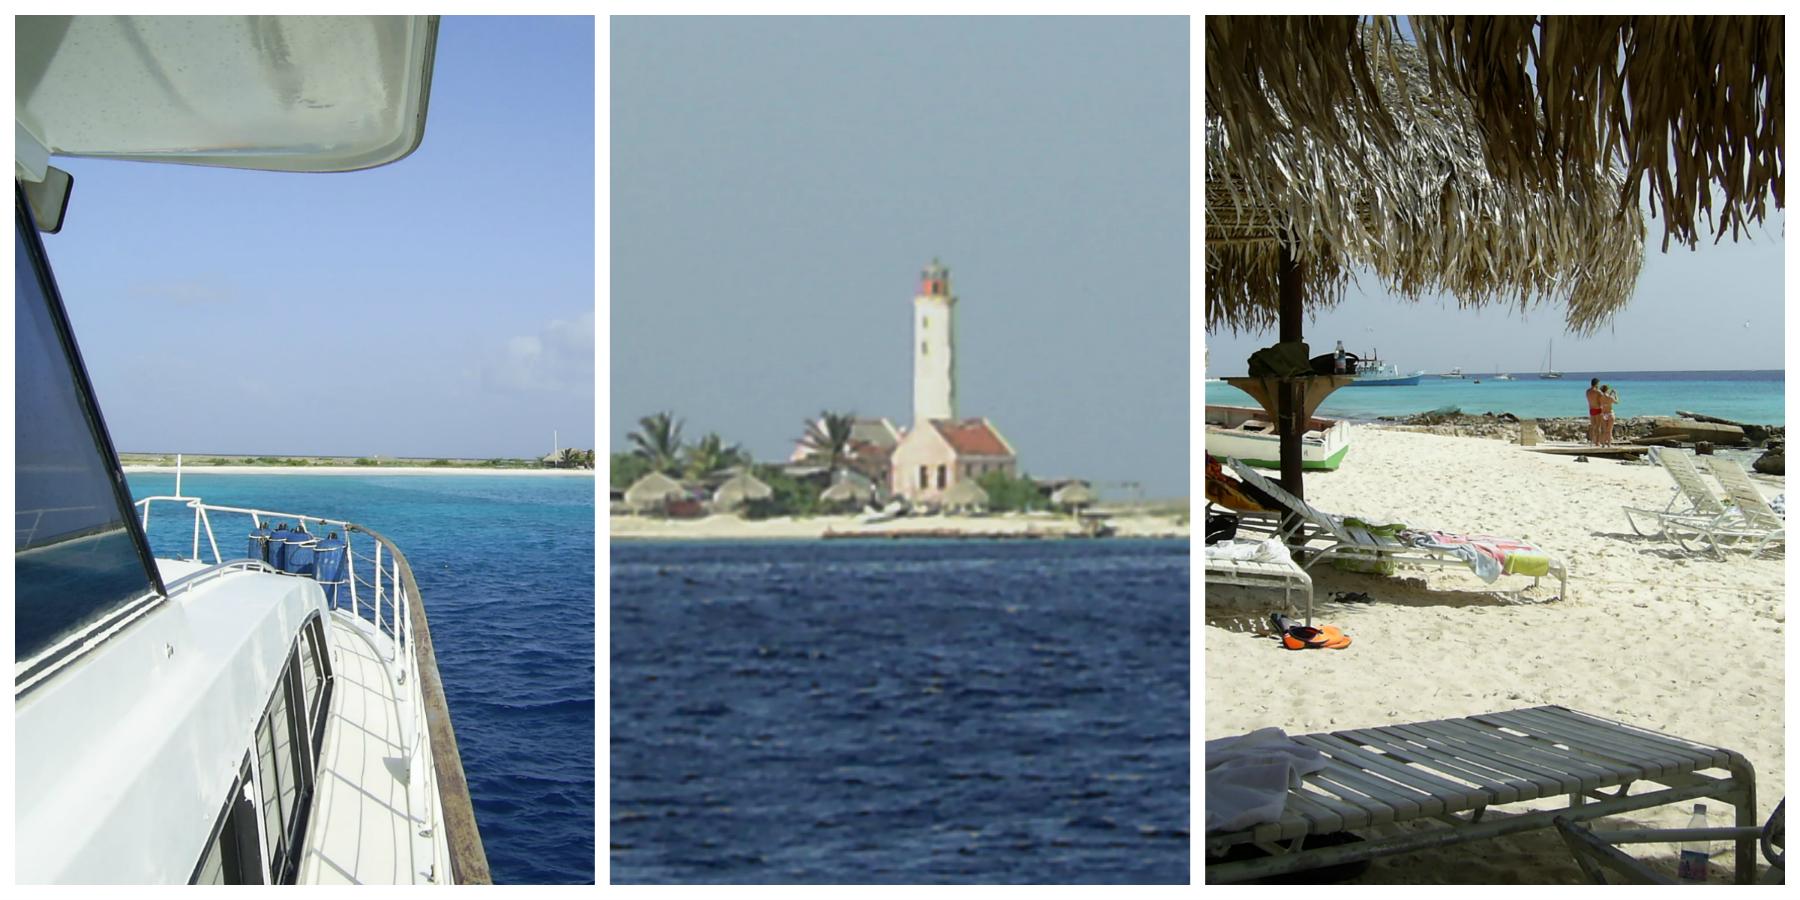 5 dingen die ik (weer) zou doen op Curaçao 1